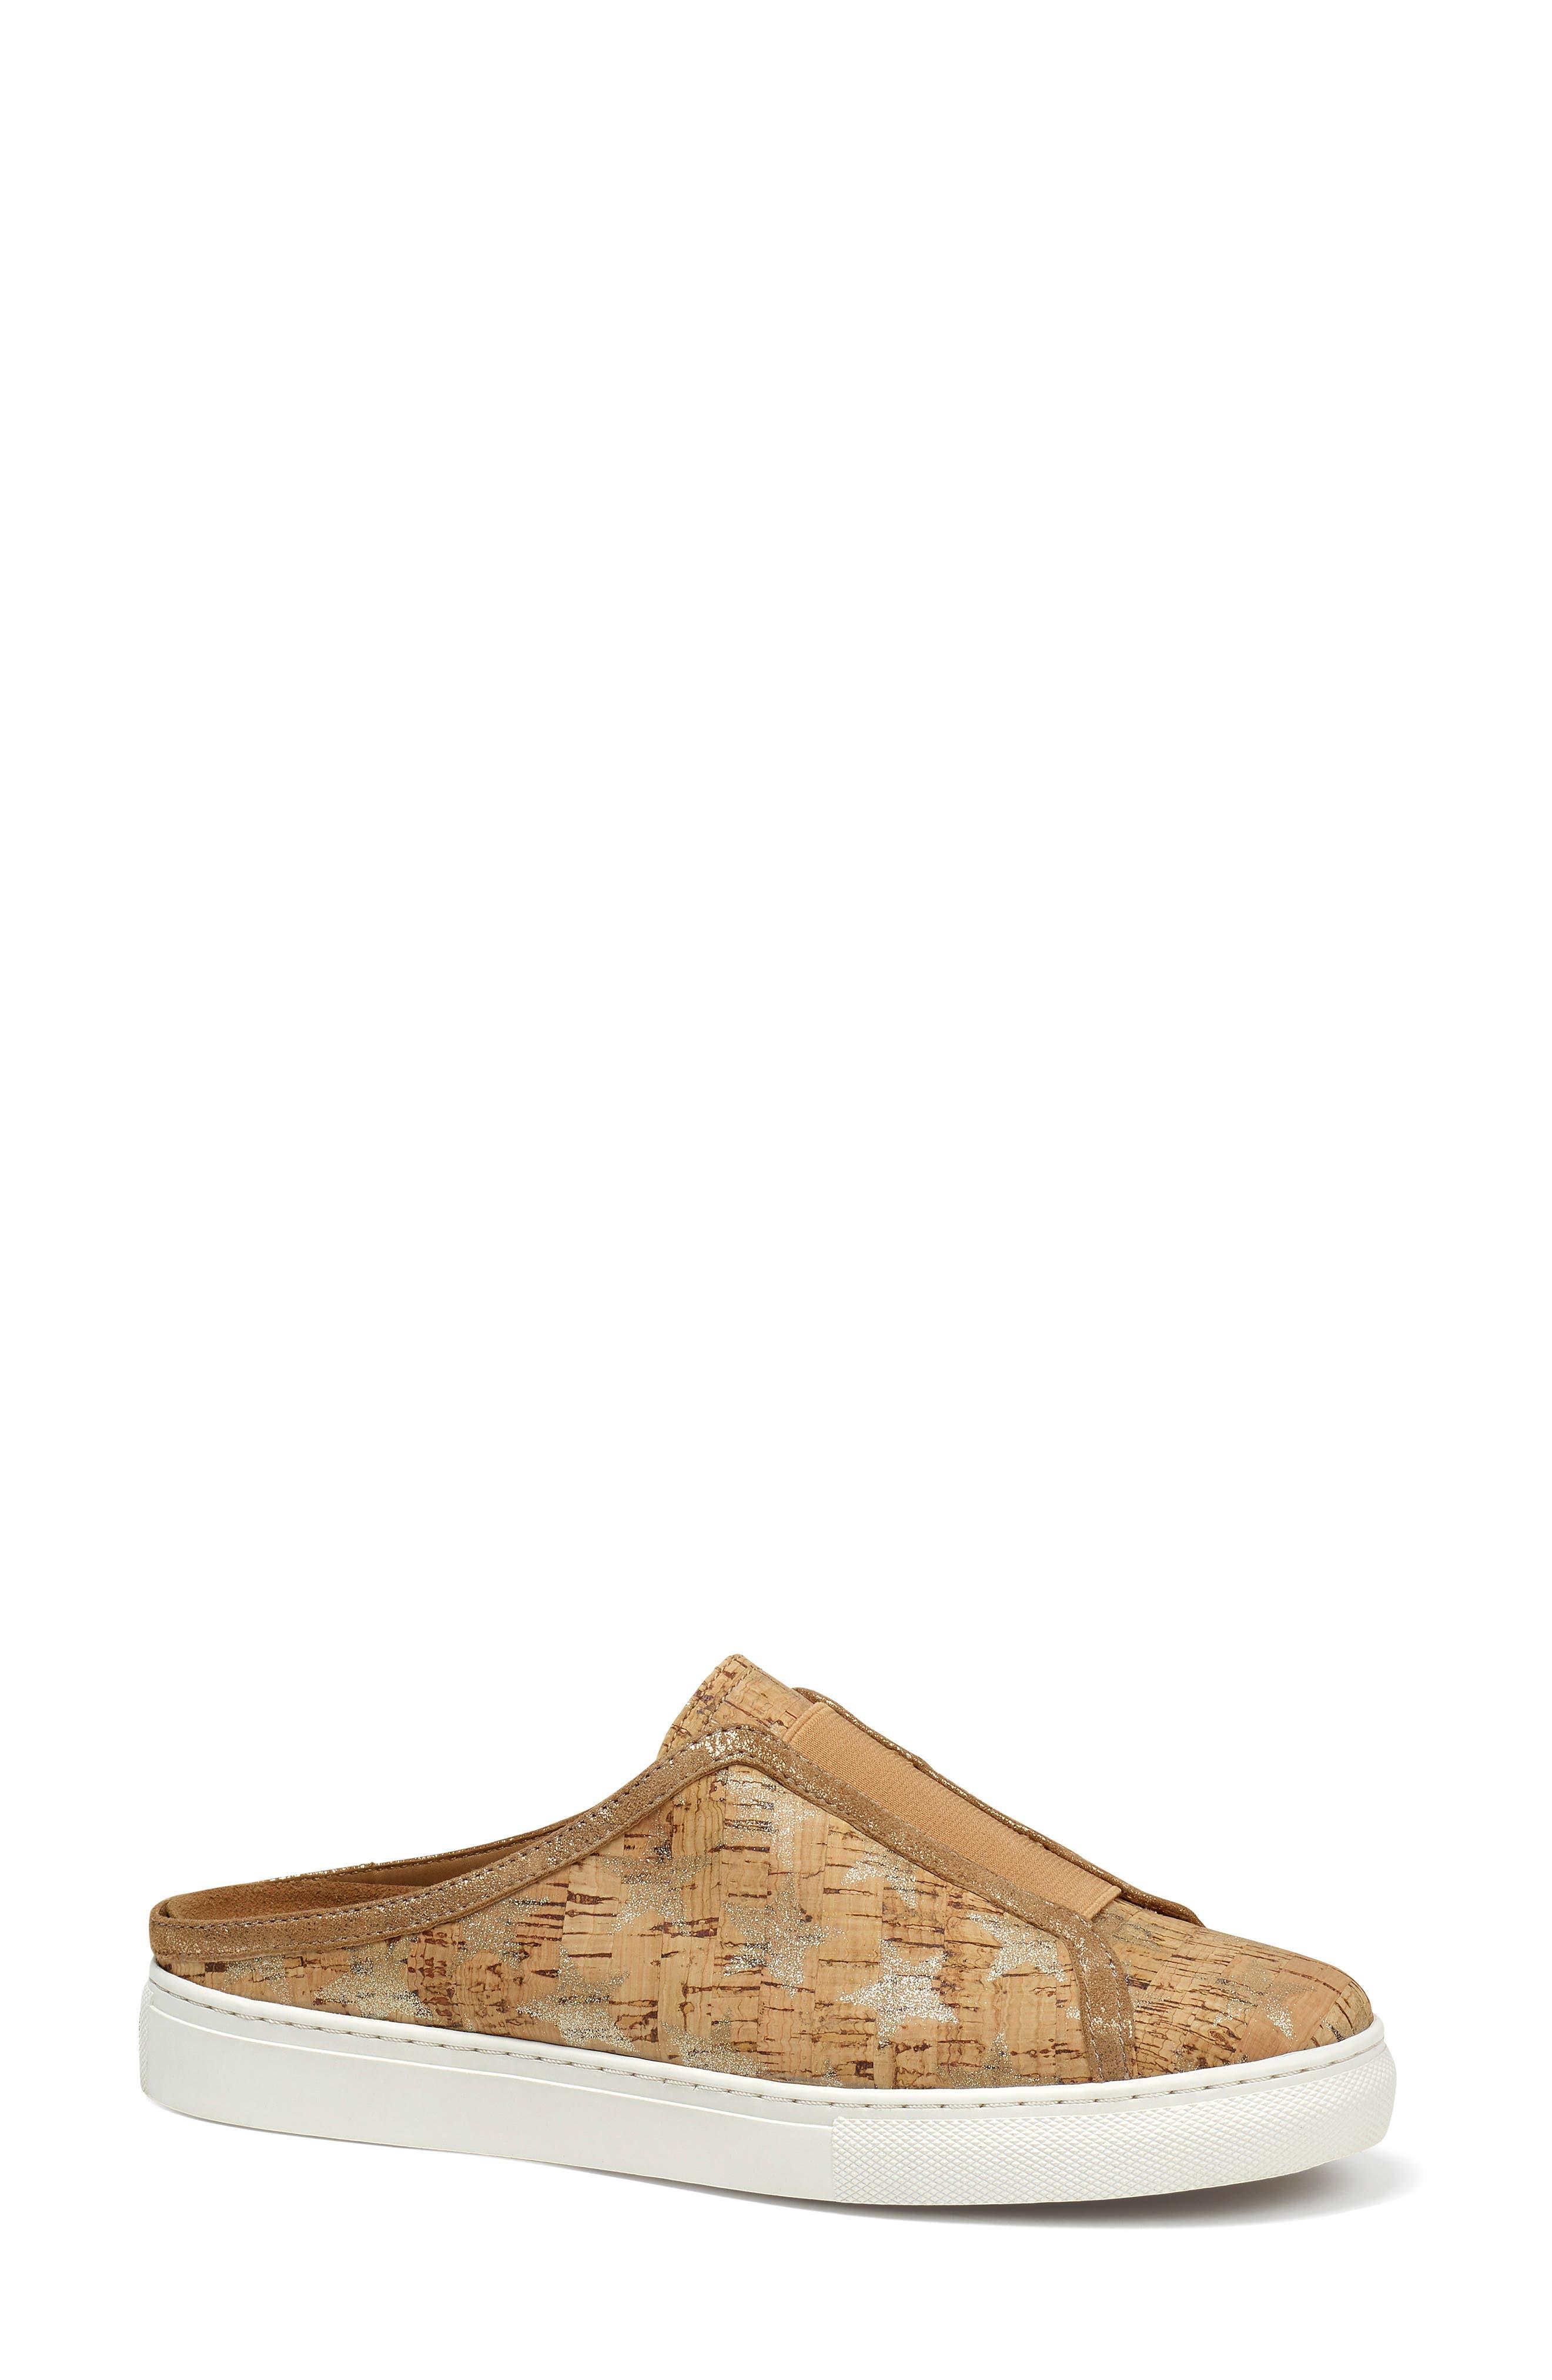 Trask Lindy Mule Sneaker, Metallic